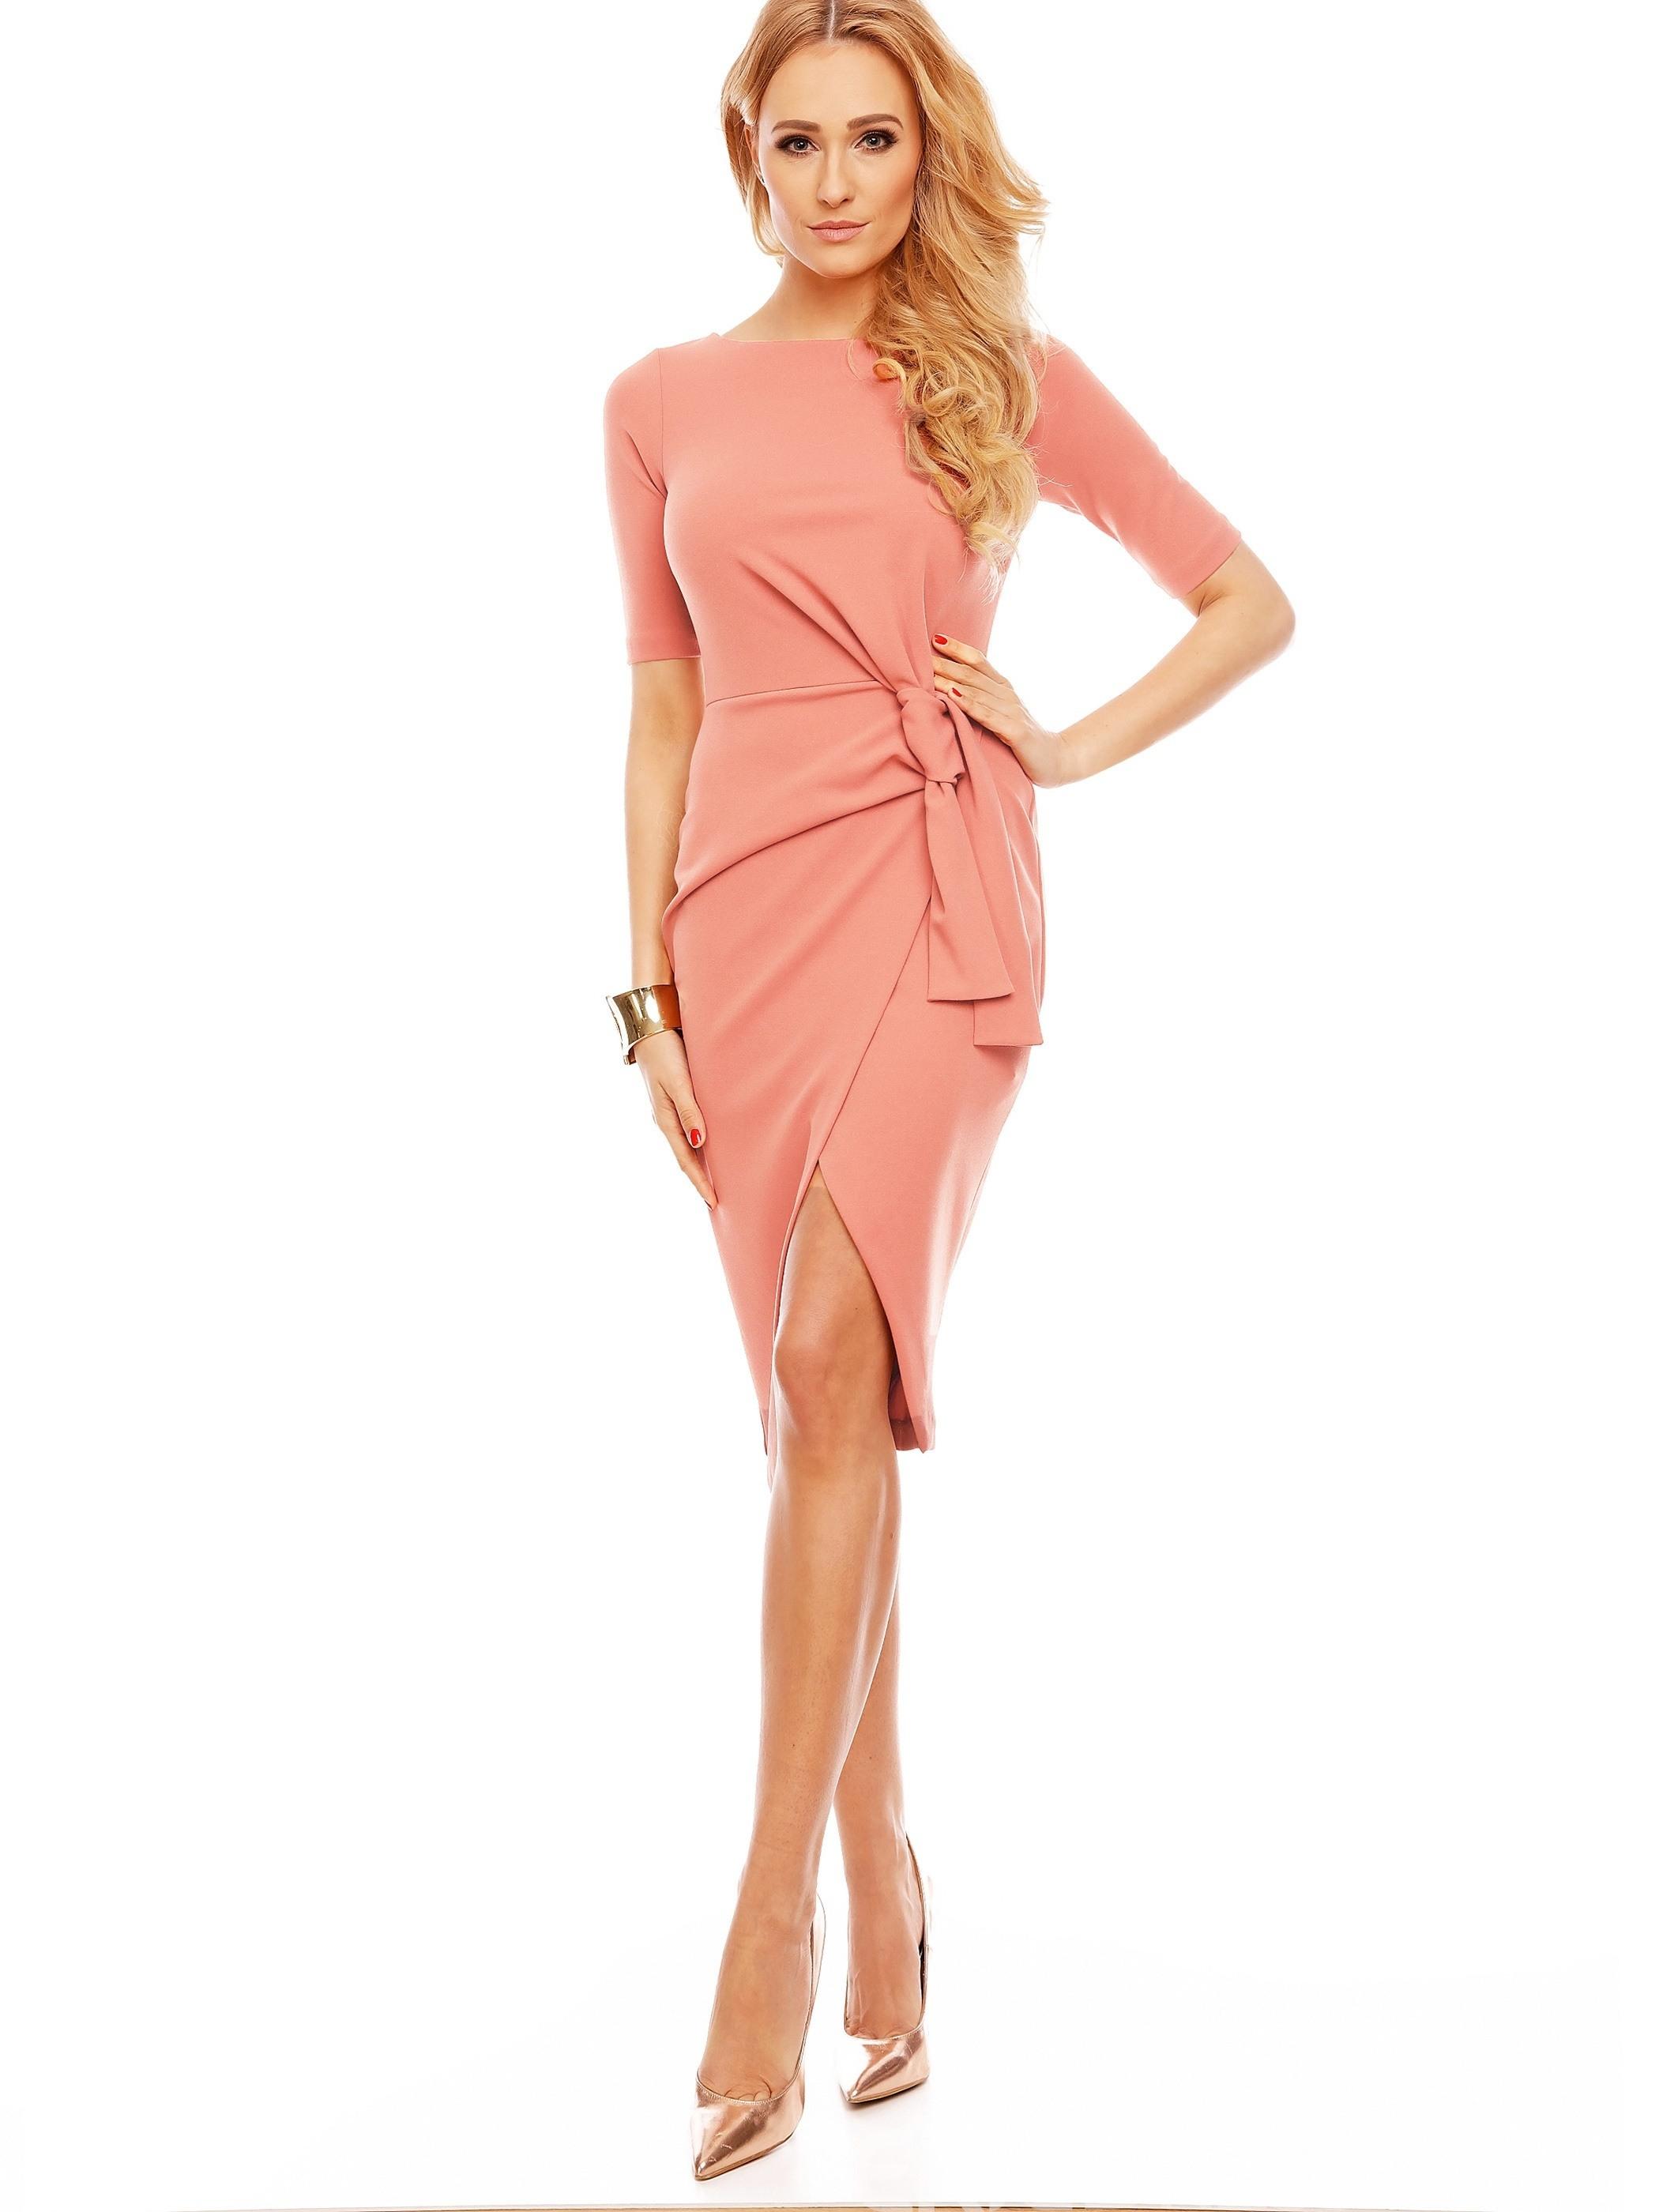 Formal Schön Elegantes Kleid Mit Ärmel für 201920 Perfekt Elegantes Kleid Mit Ärmel Boutique